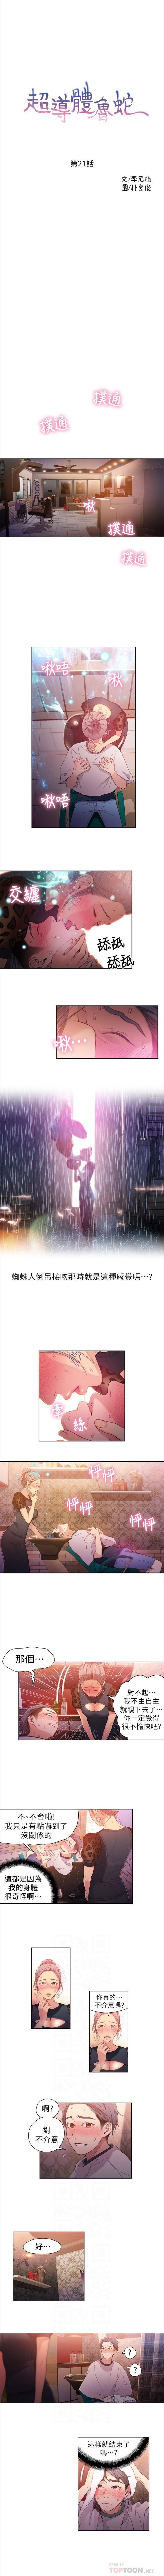 (週7)超導體魯蛇(超級吸引力) 1-22 中文翻譯(更新中) 86